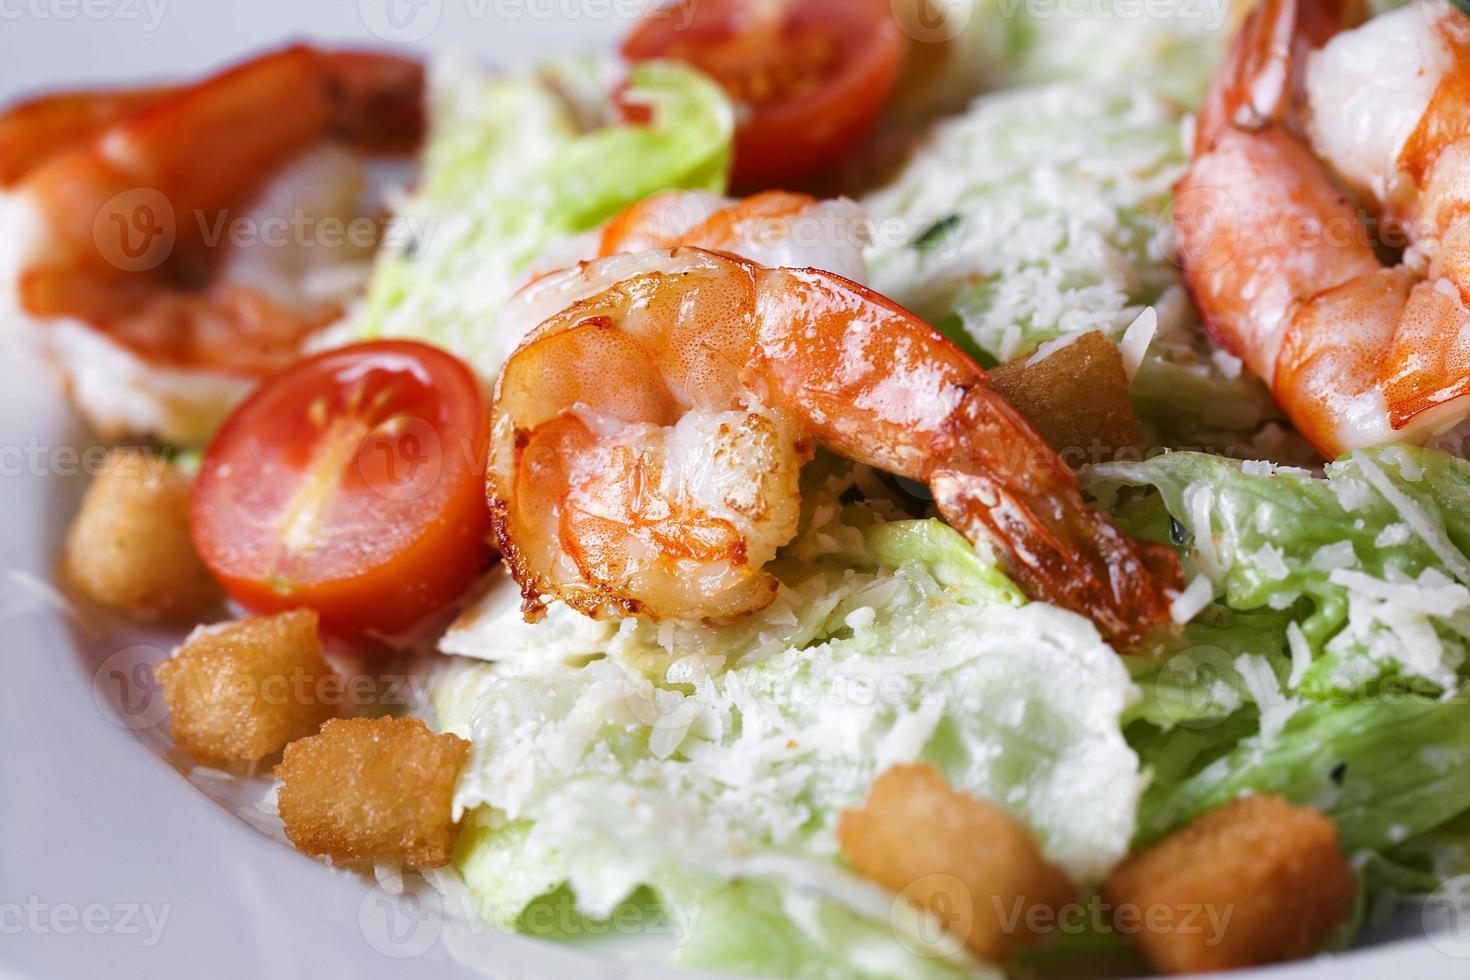 Caesar salad with shrimp on a plate photo